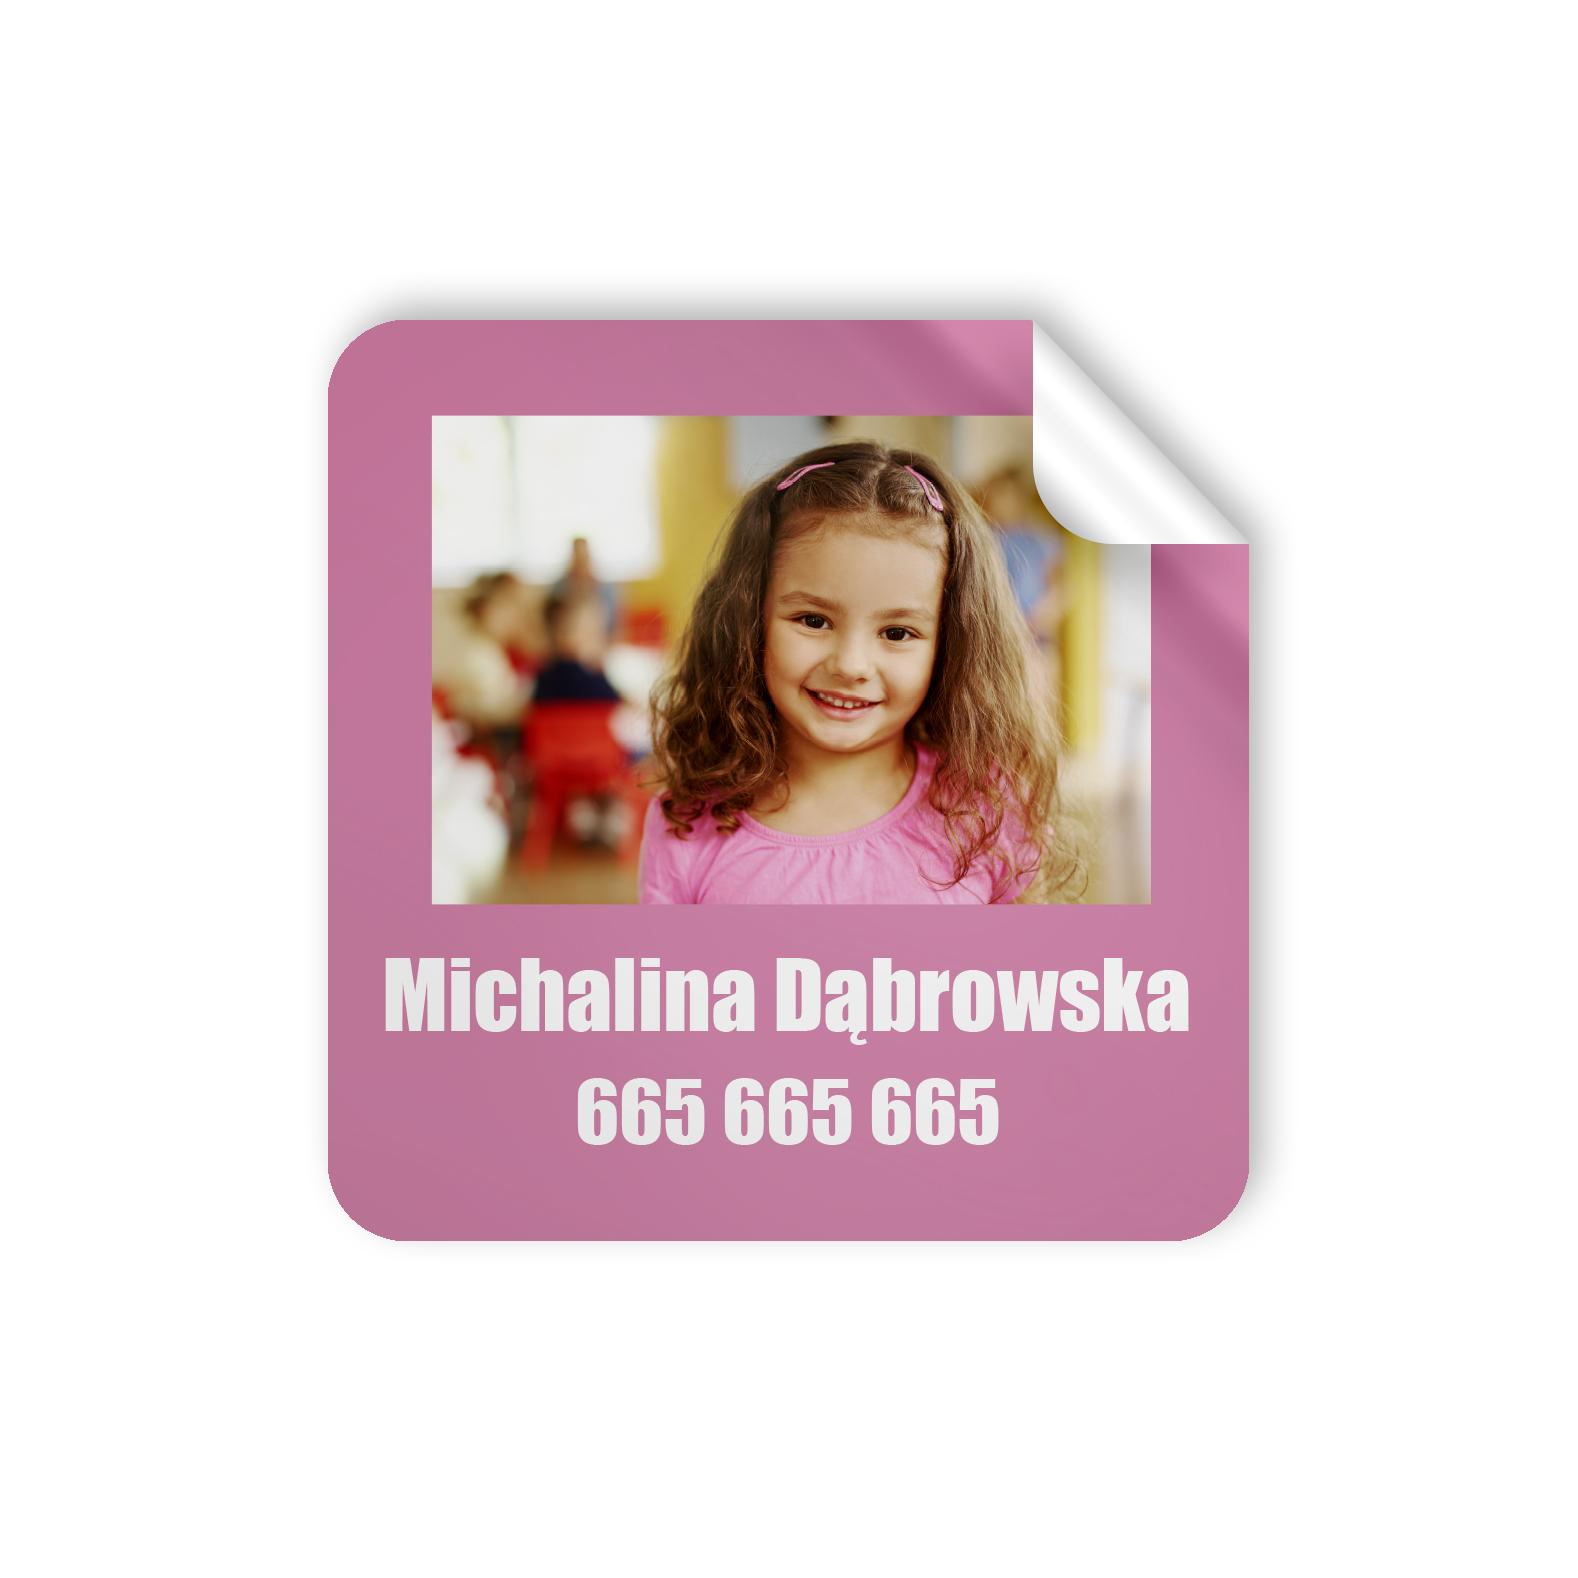 Naklejki szkolne z imieniem zdjęciem dziecka wodoodporne imienniki na przybory i zeszyty dla dziewczynki